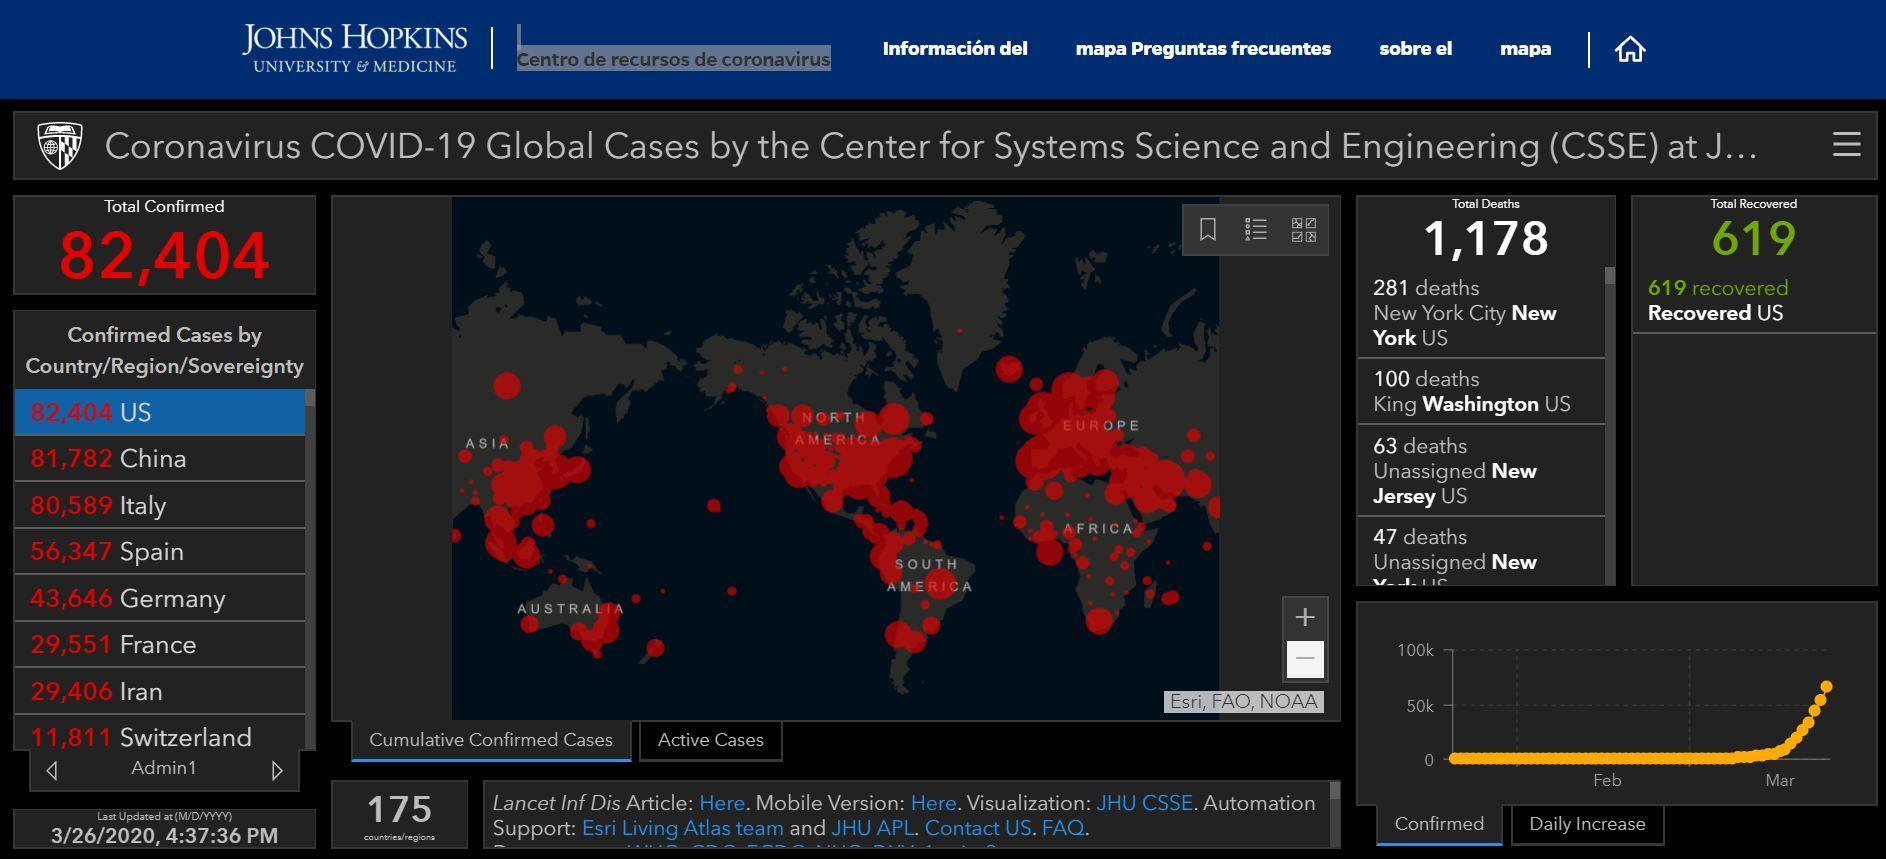 mapa coronavirus johns hopkins